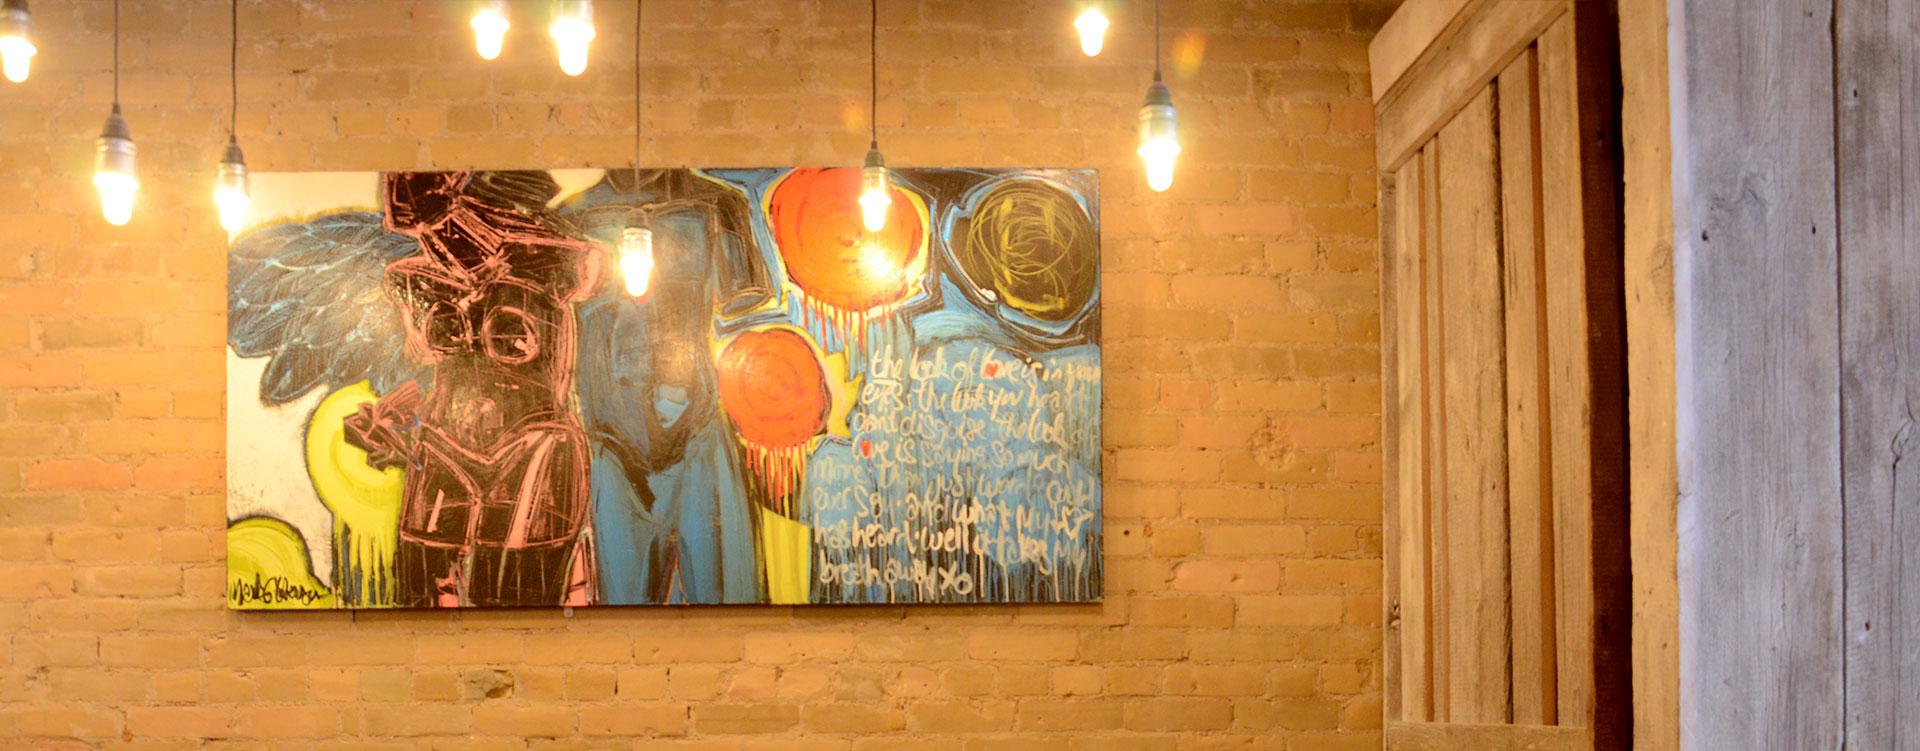 Local Artists Corner Banner4 En